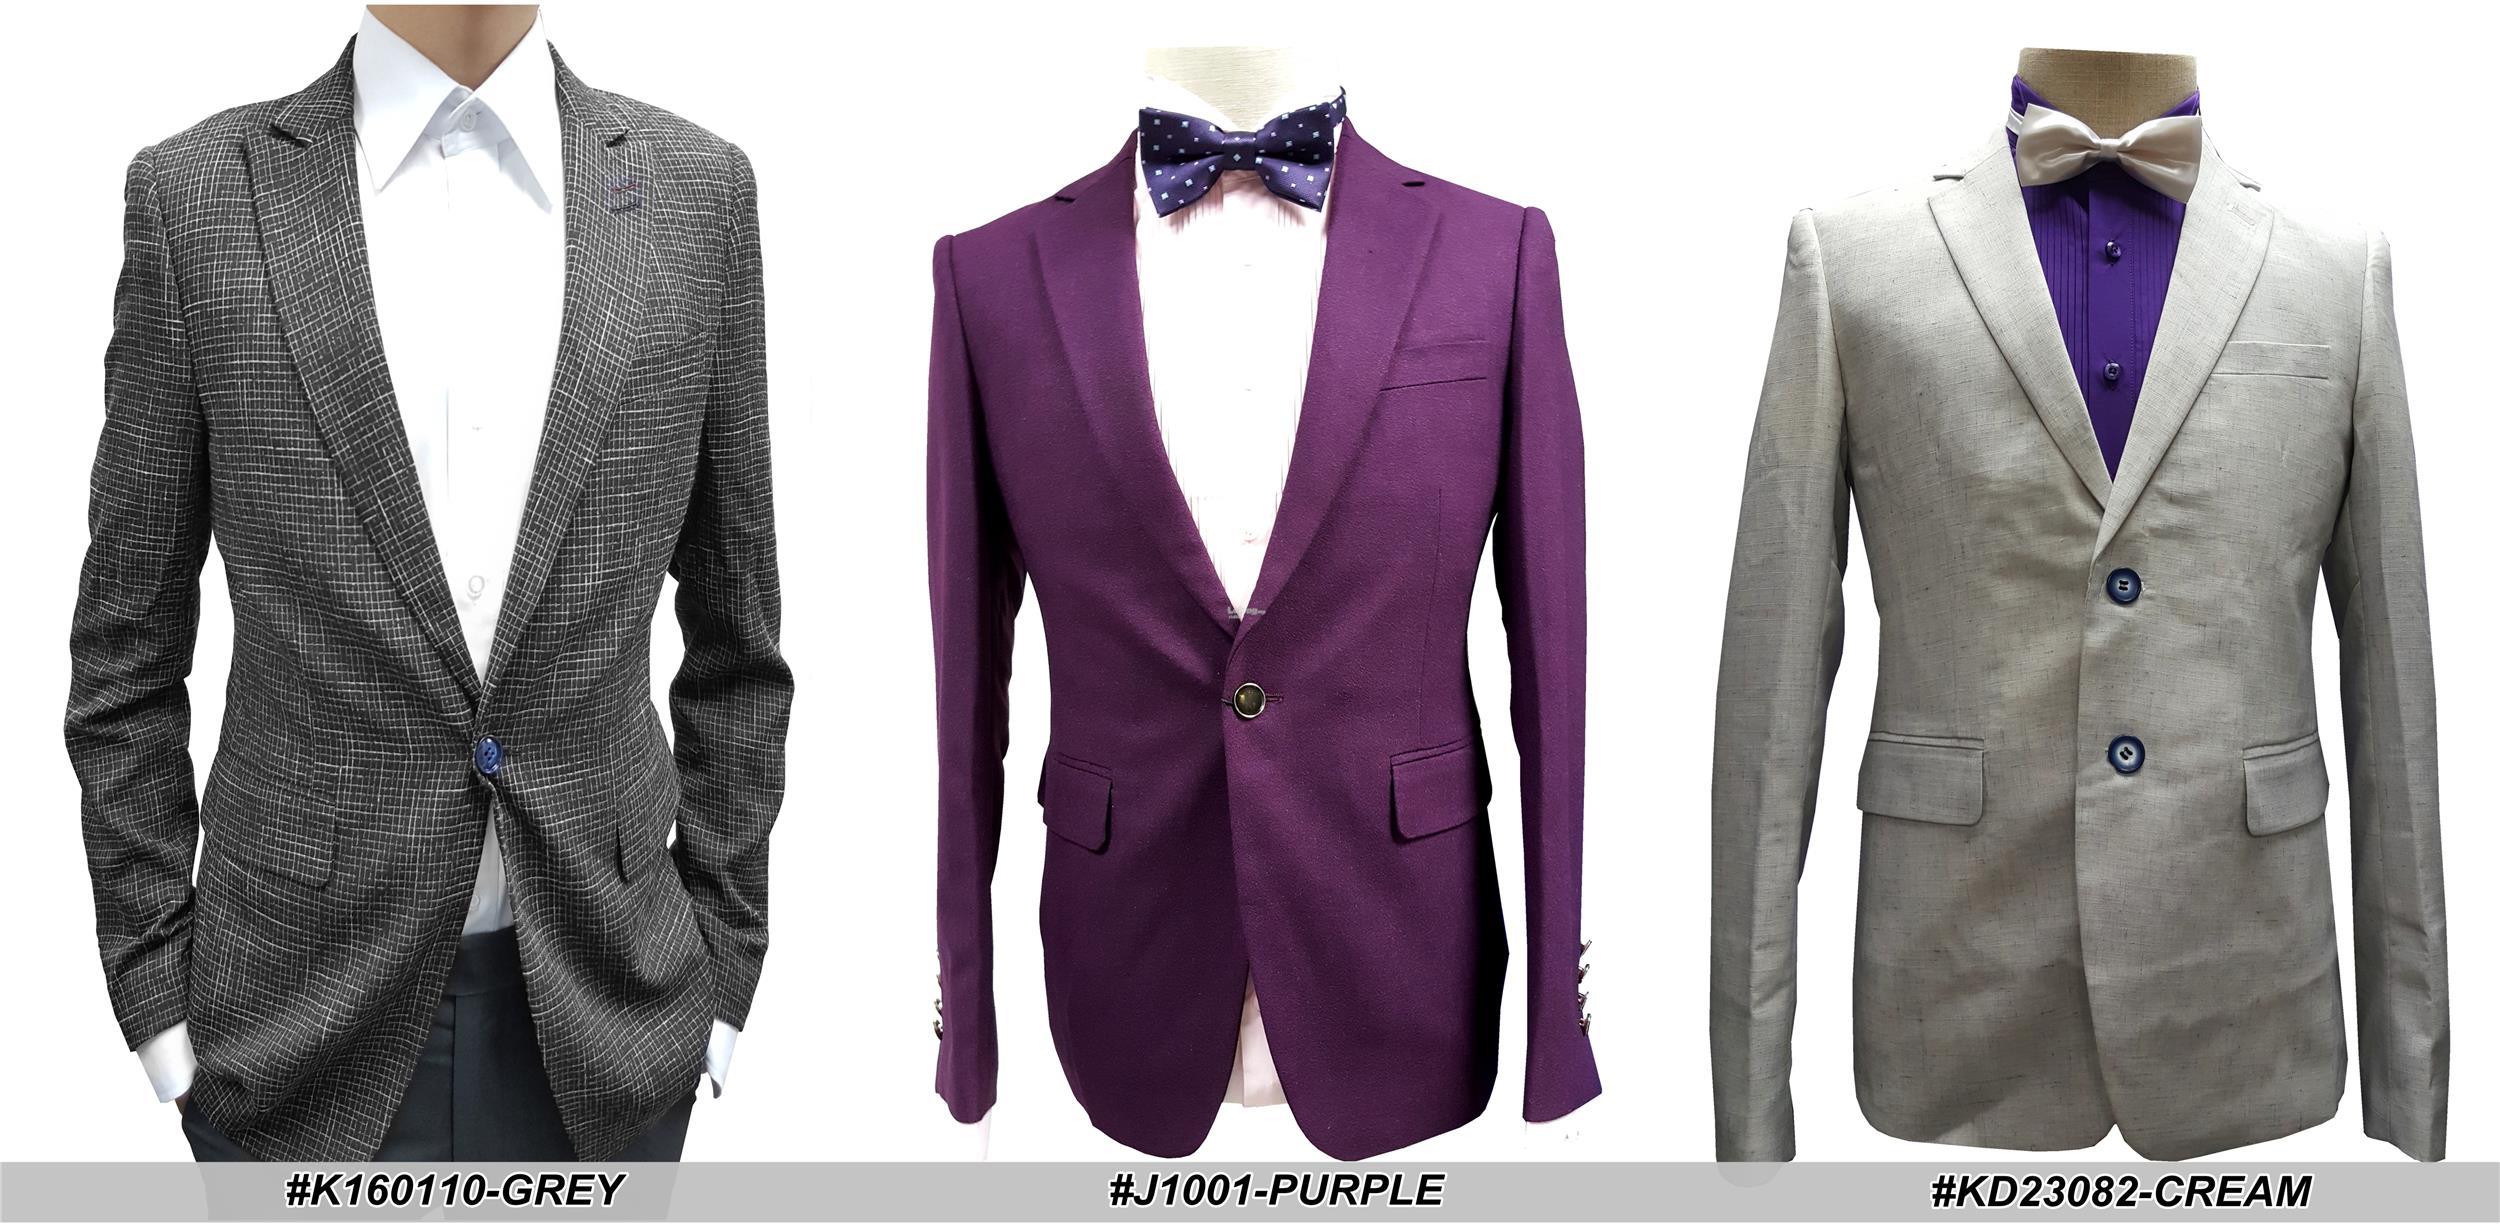 Korean Style Suit Jacket End 2 12 2017 1 44 Pm